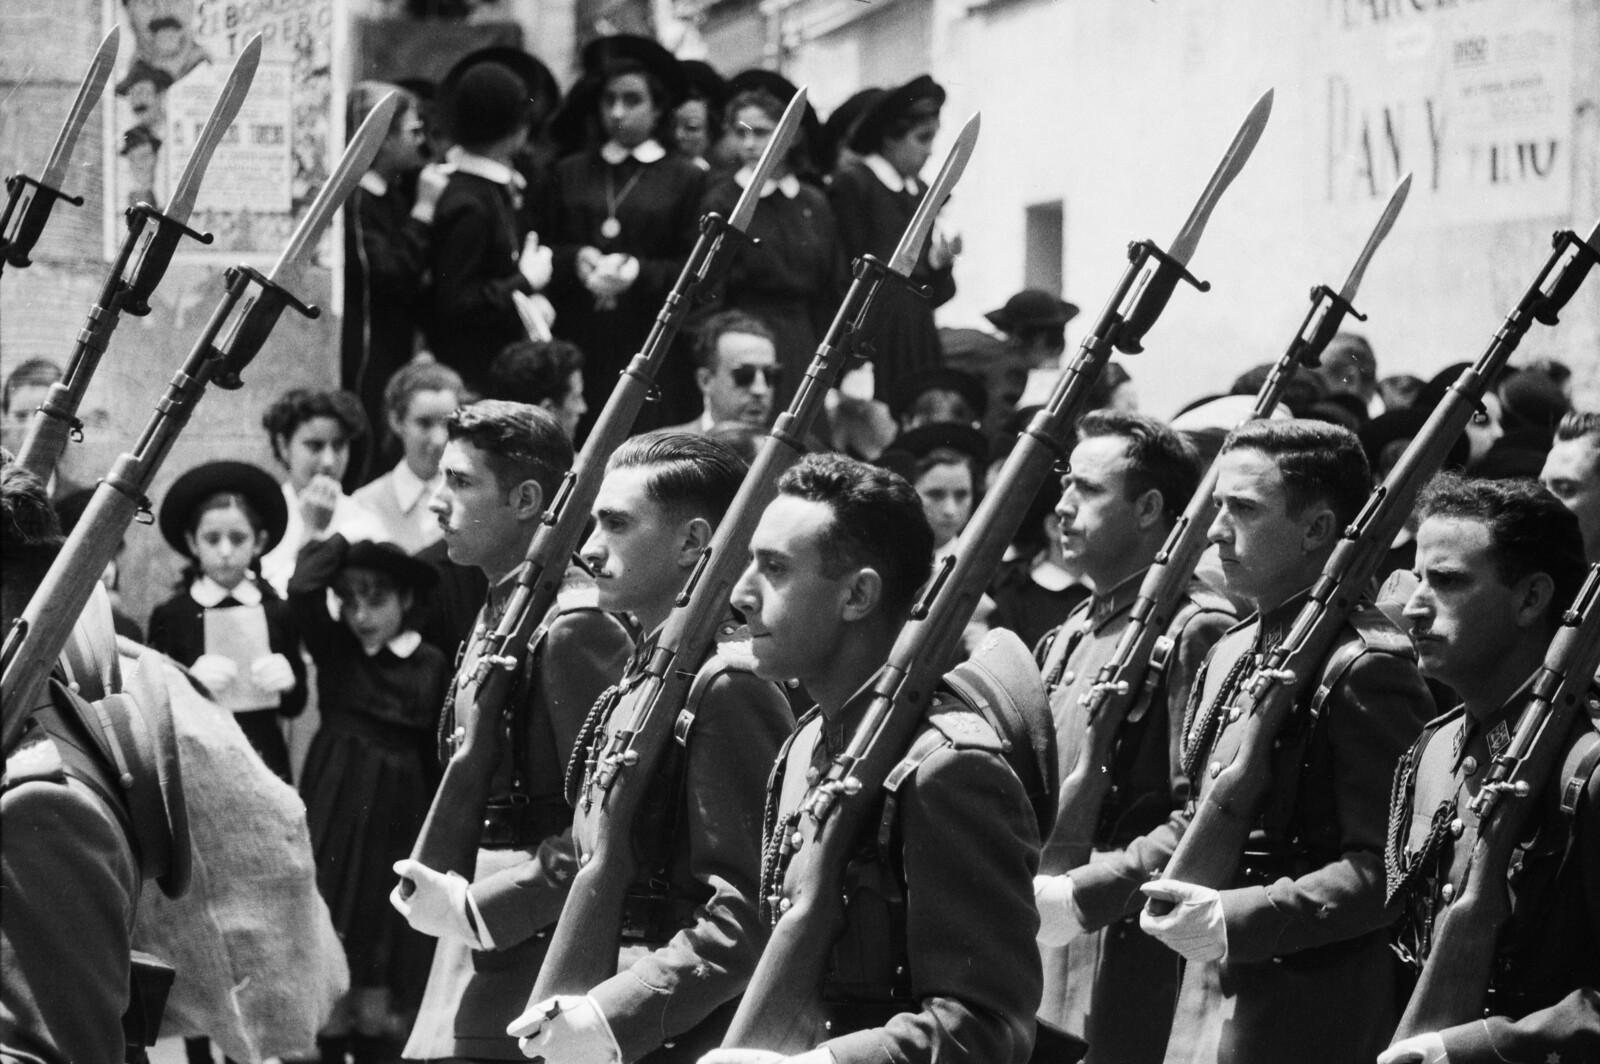 Soldados desfilan en la procesión del Corpus Christi en Toledo en 1955 © ETH-Bibliothek Zurich